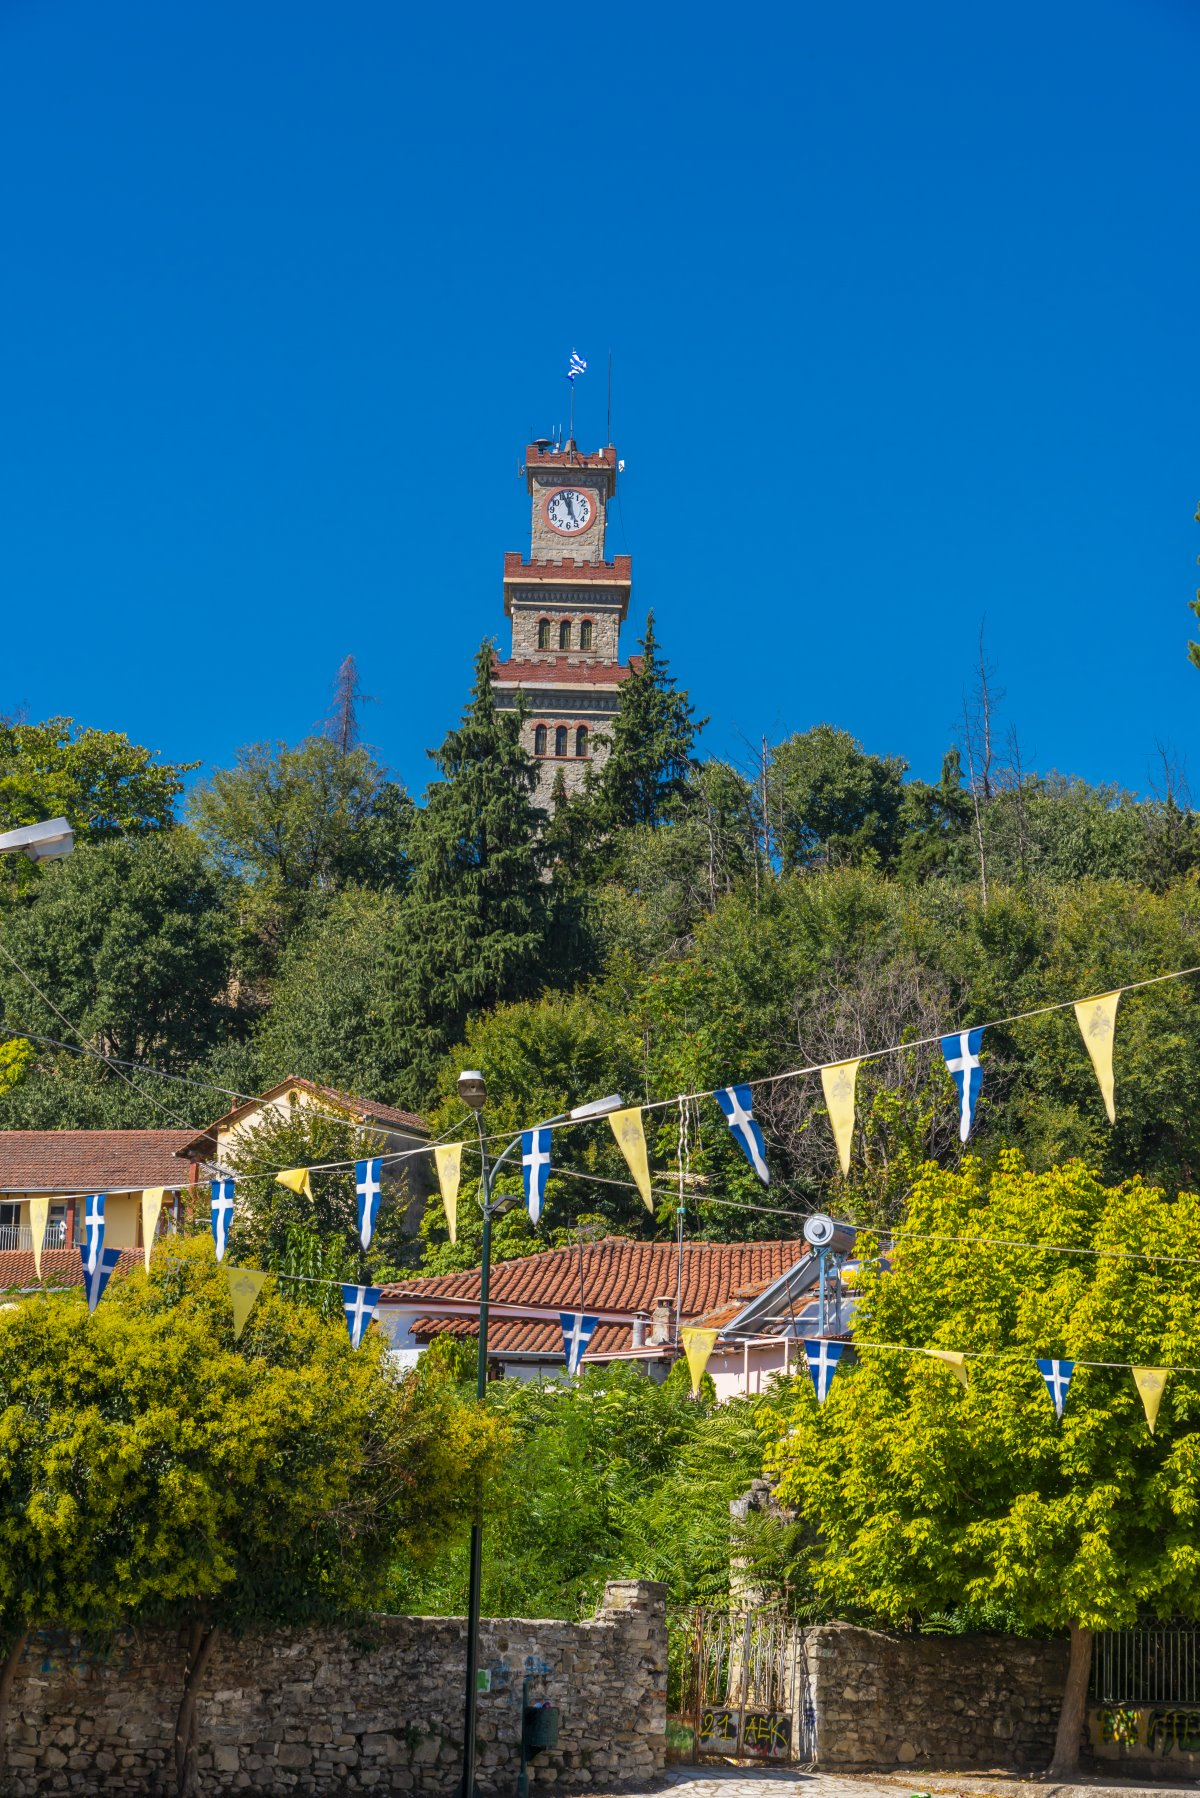 Ρολόγια σε Πύργο με των Τρικάλων να ξεχωρίζει στην πόλη